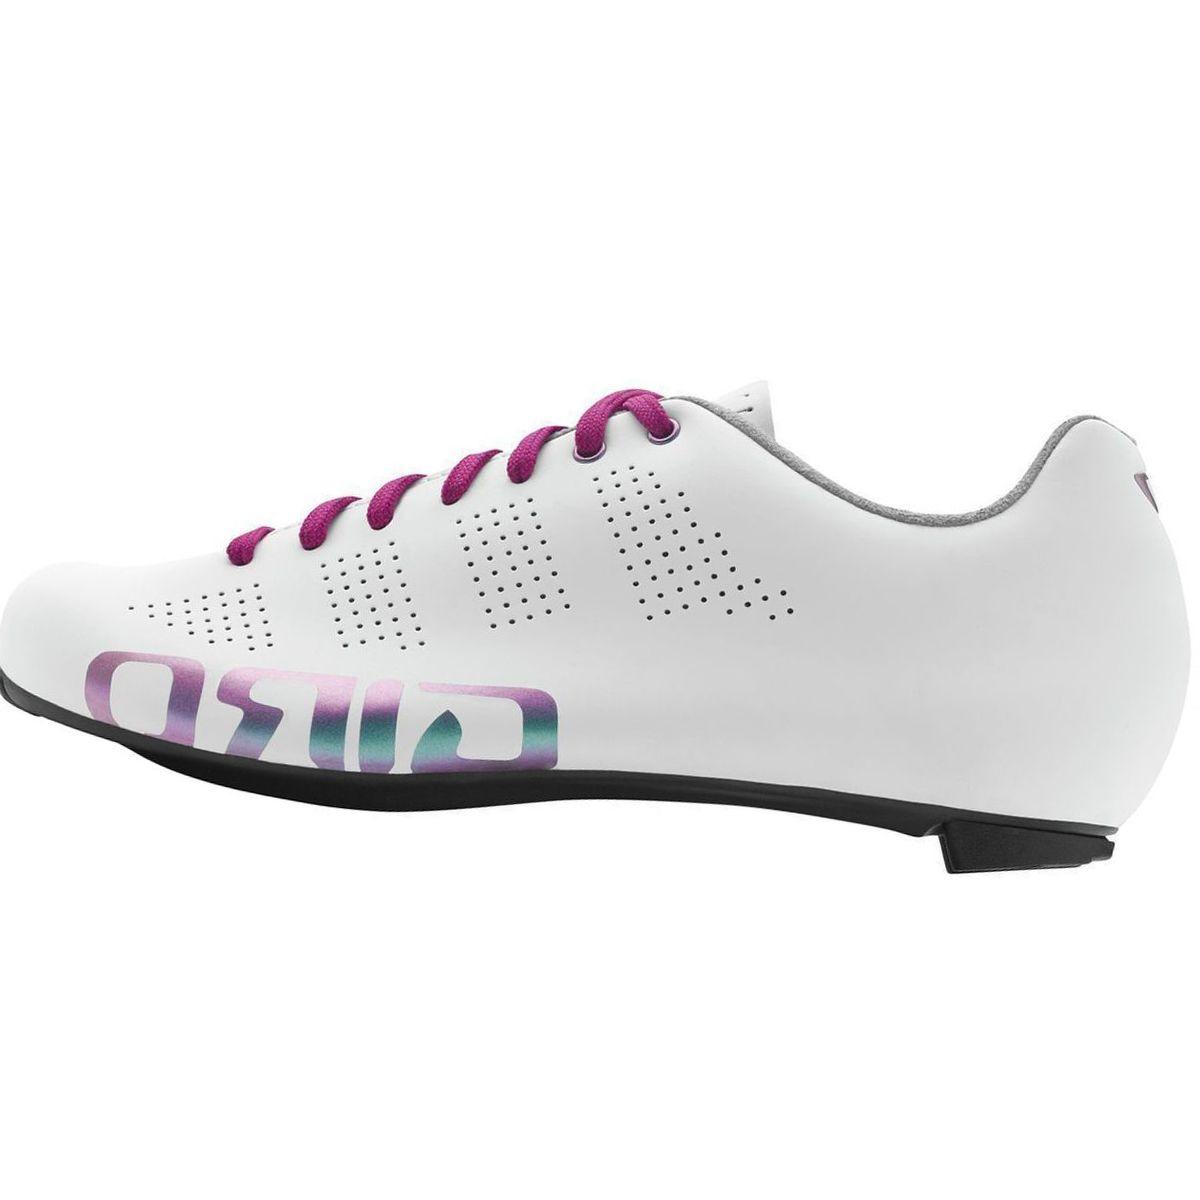 Giro Empire ACC Cycling Shoe - Women's